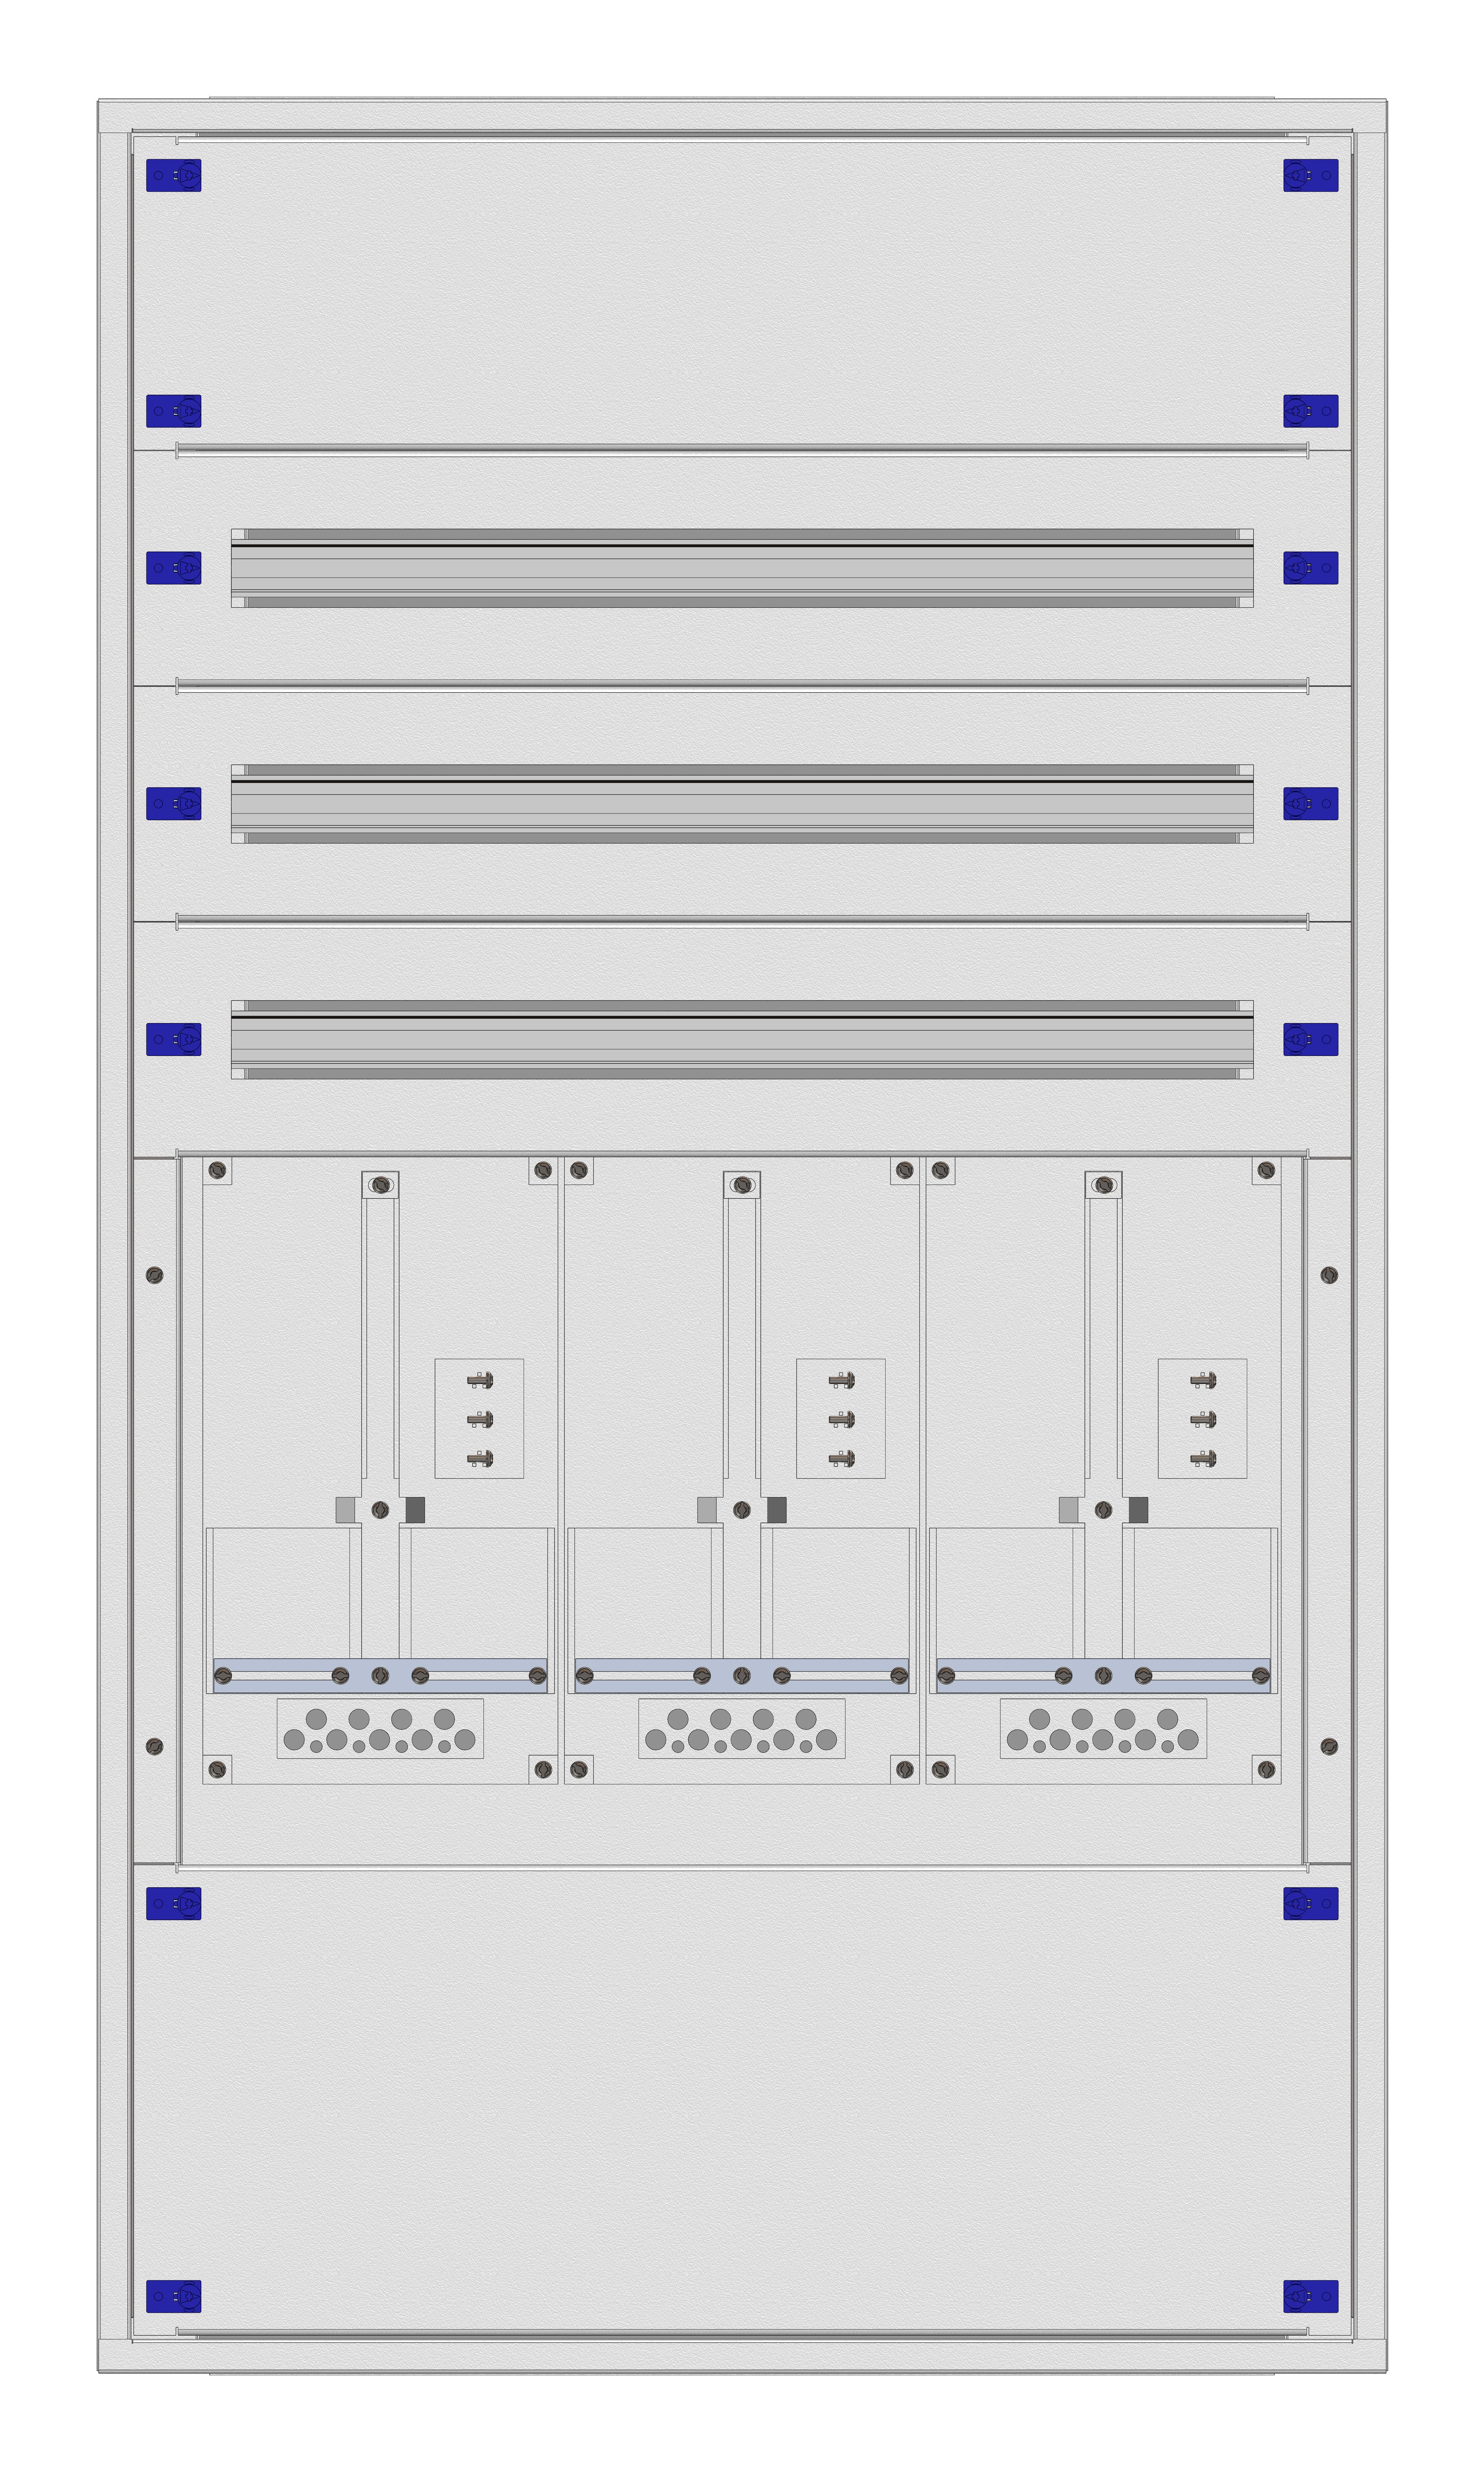 1 Stk Aufputz-Zählerverteiler 3A-28E/TIR 3ZP, H1380B810T250mm IL160328TS